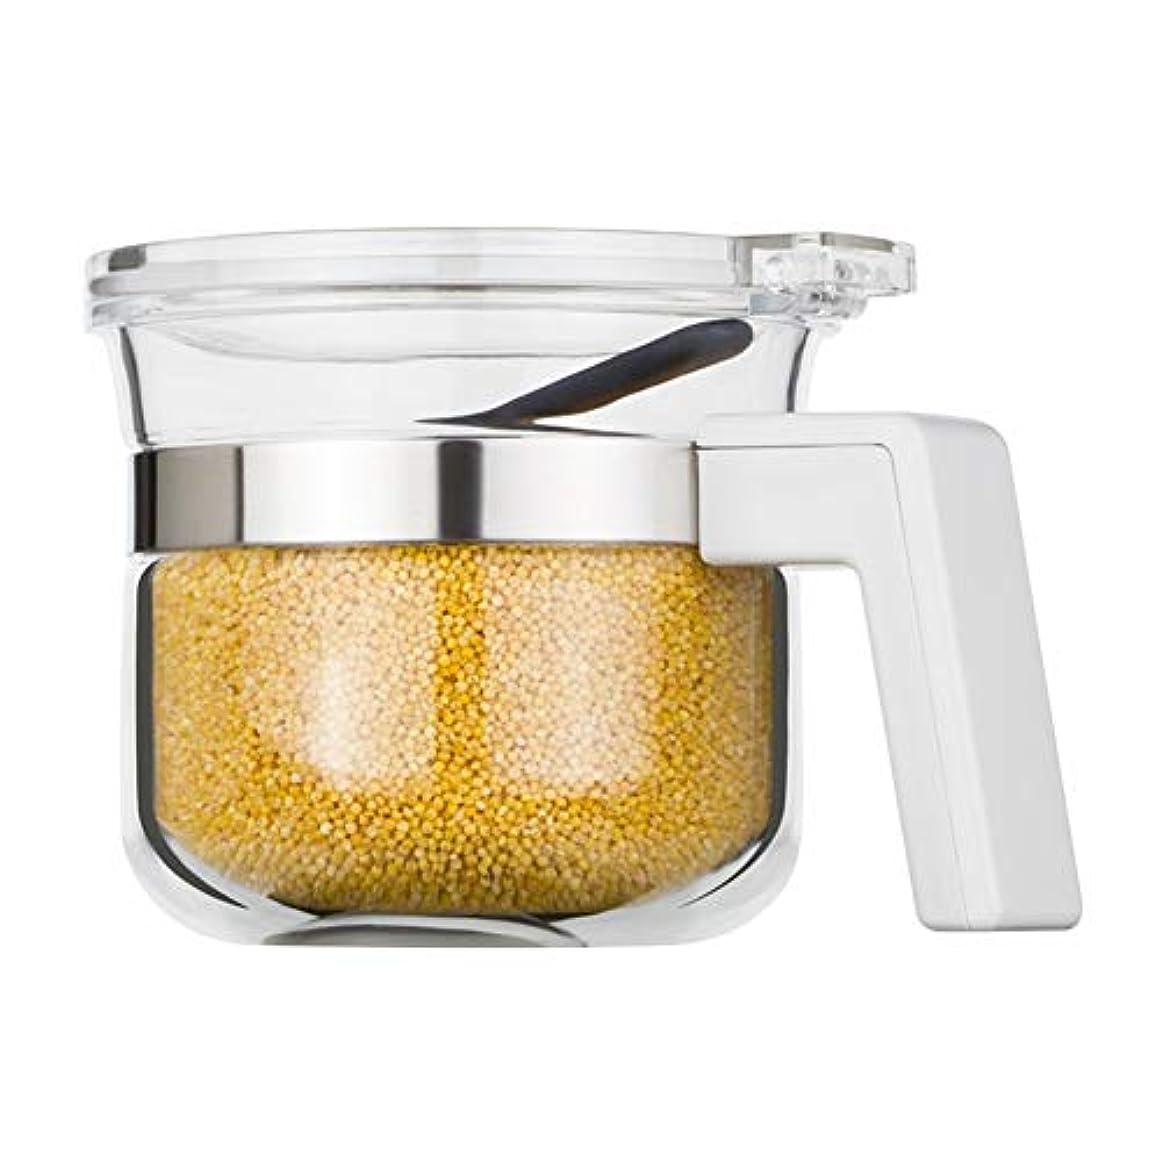 関連する神秘香りスパイスジャー、密閉された貯蔵タンクキッチン調味料貯蔵(450 ml、9.5 * 9.5 * 10.5 cm)